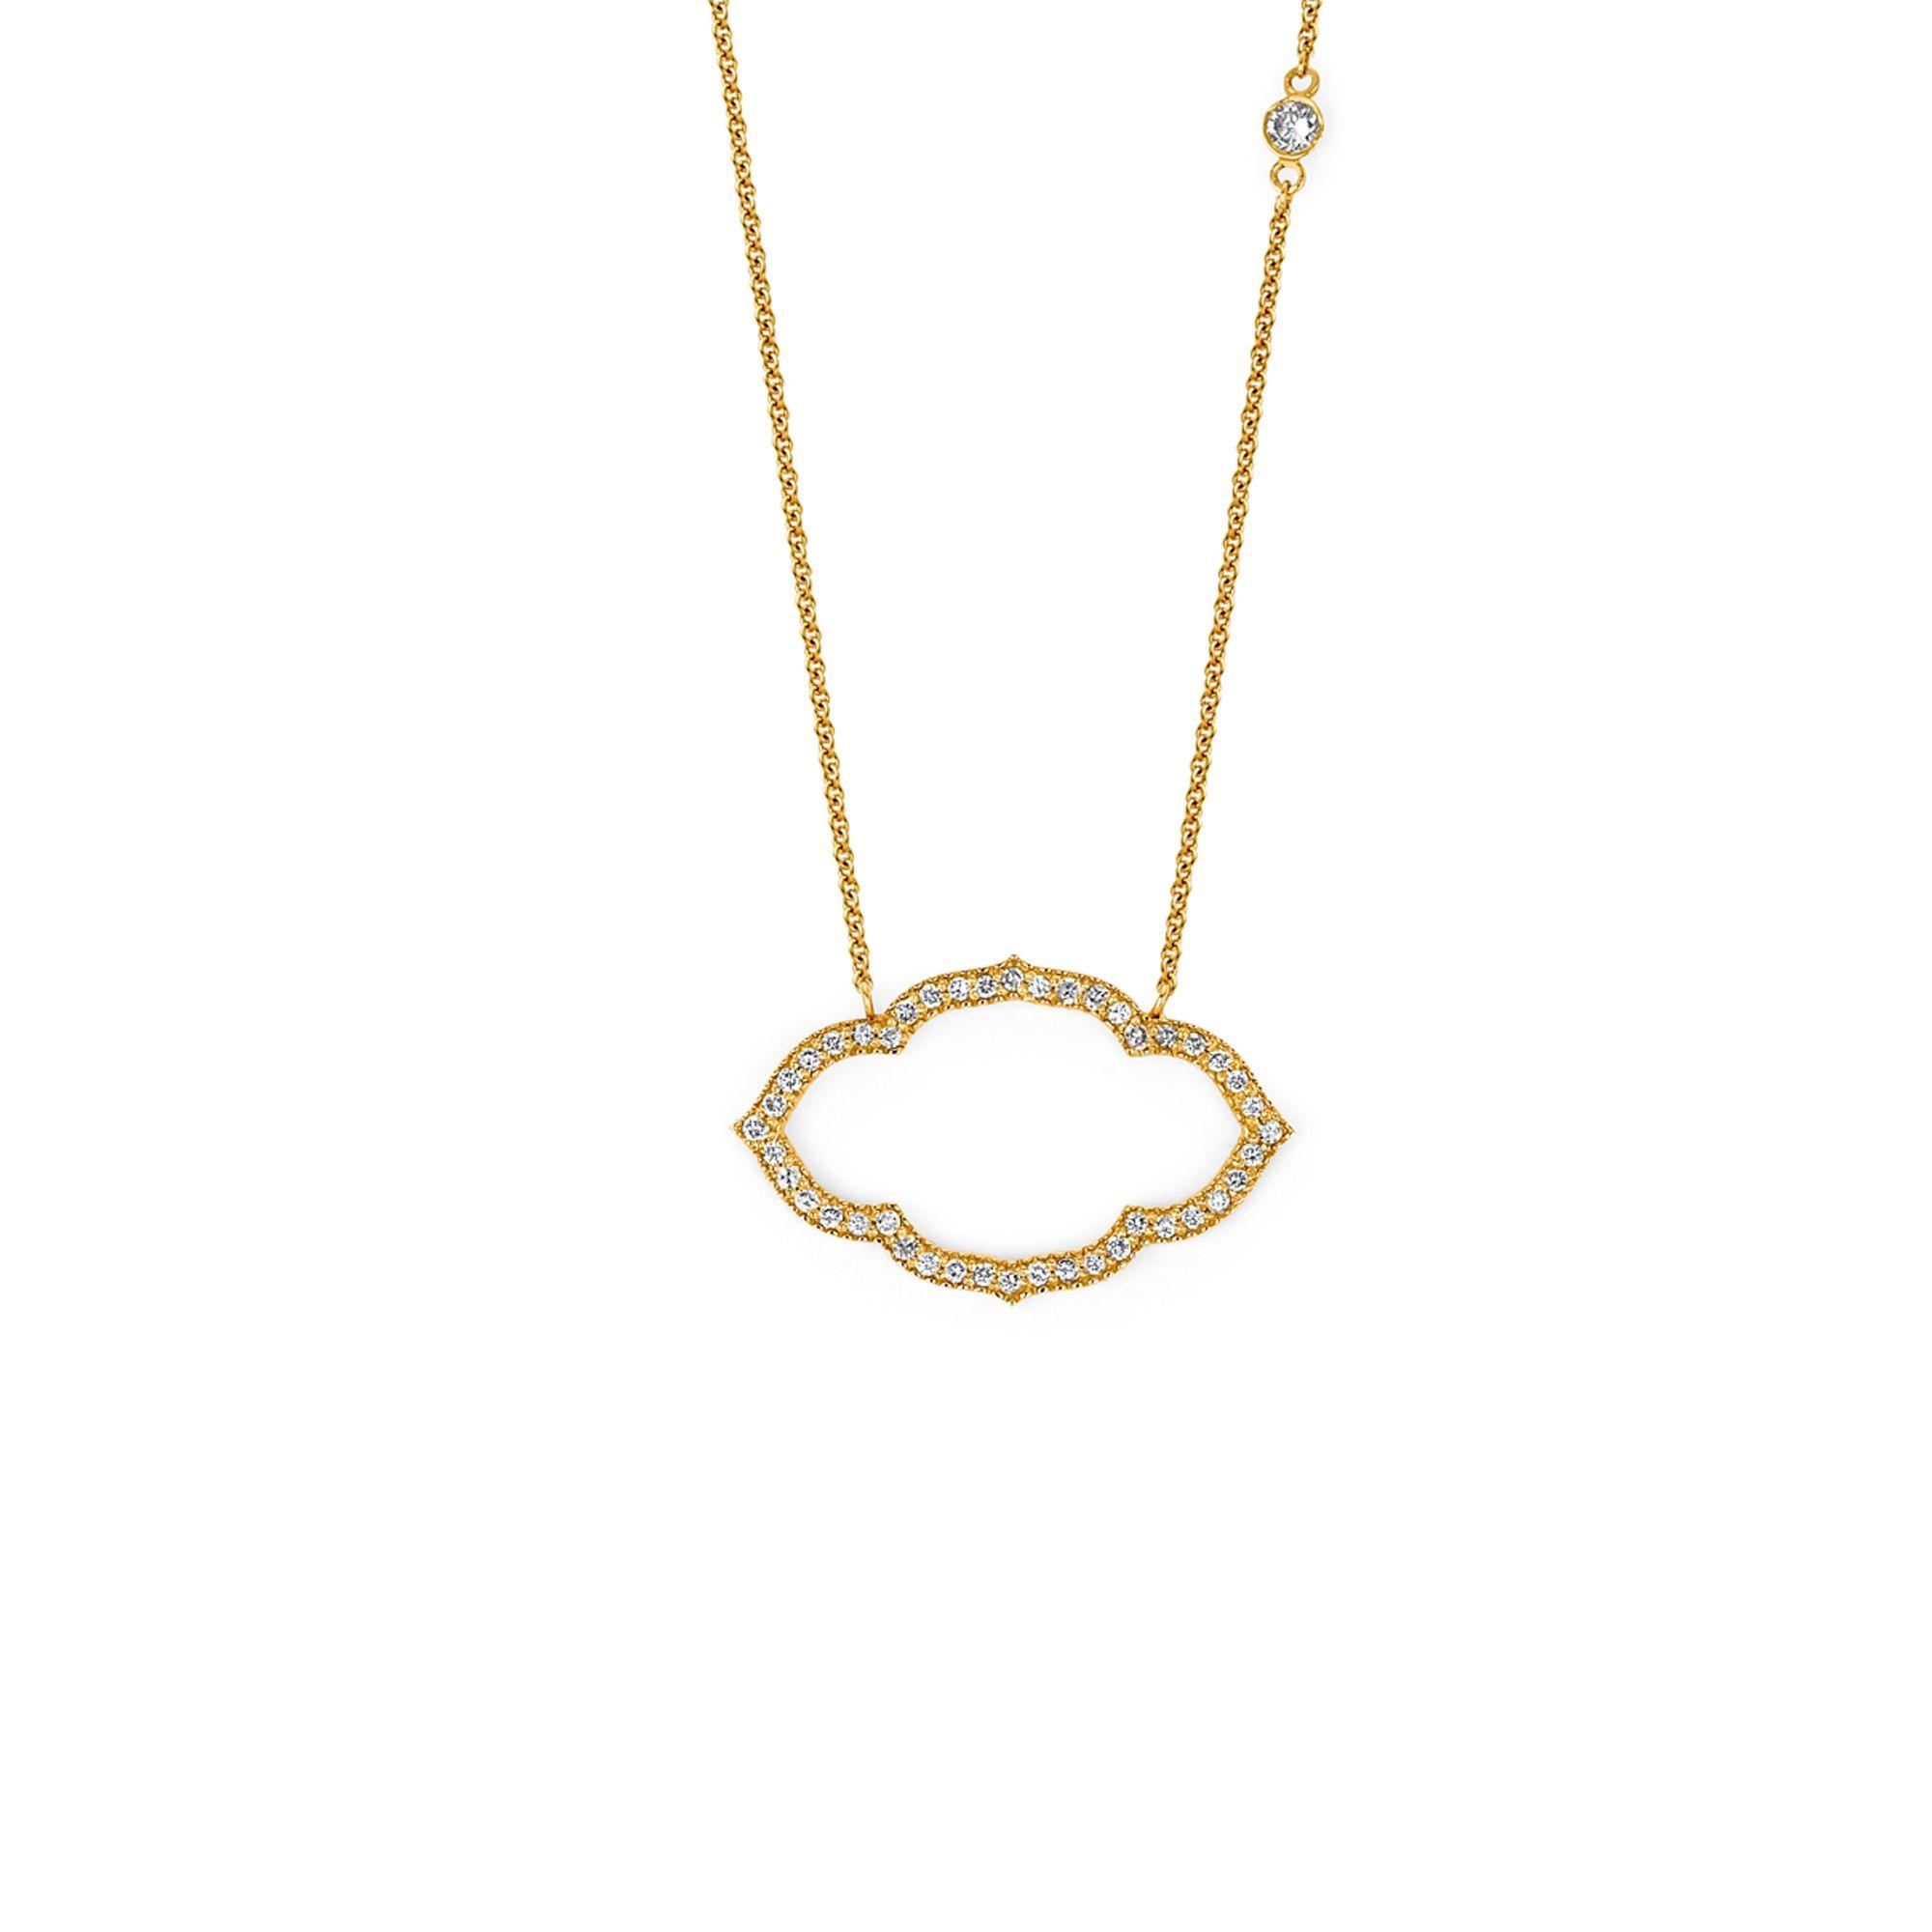 TAJ Horizontal Petite Necklace || 18k GOLD WHITE DIAMOND TAJ HORIZONTAL PETITE NECKLACE ON 16″ CHAIN ||  GOLD: 3.1 g TDW: 0.21 ct || #SaraWeinstockJewelry #SWGem